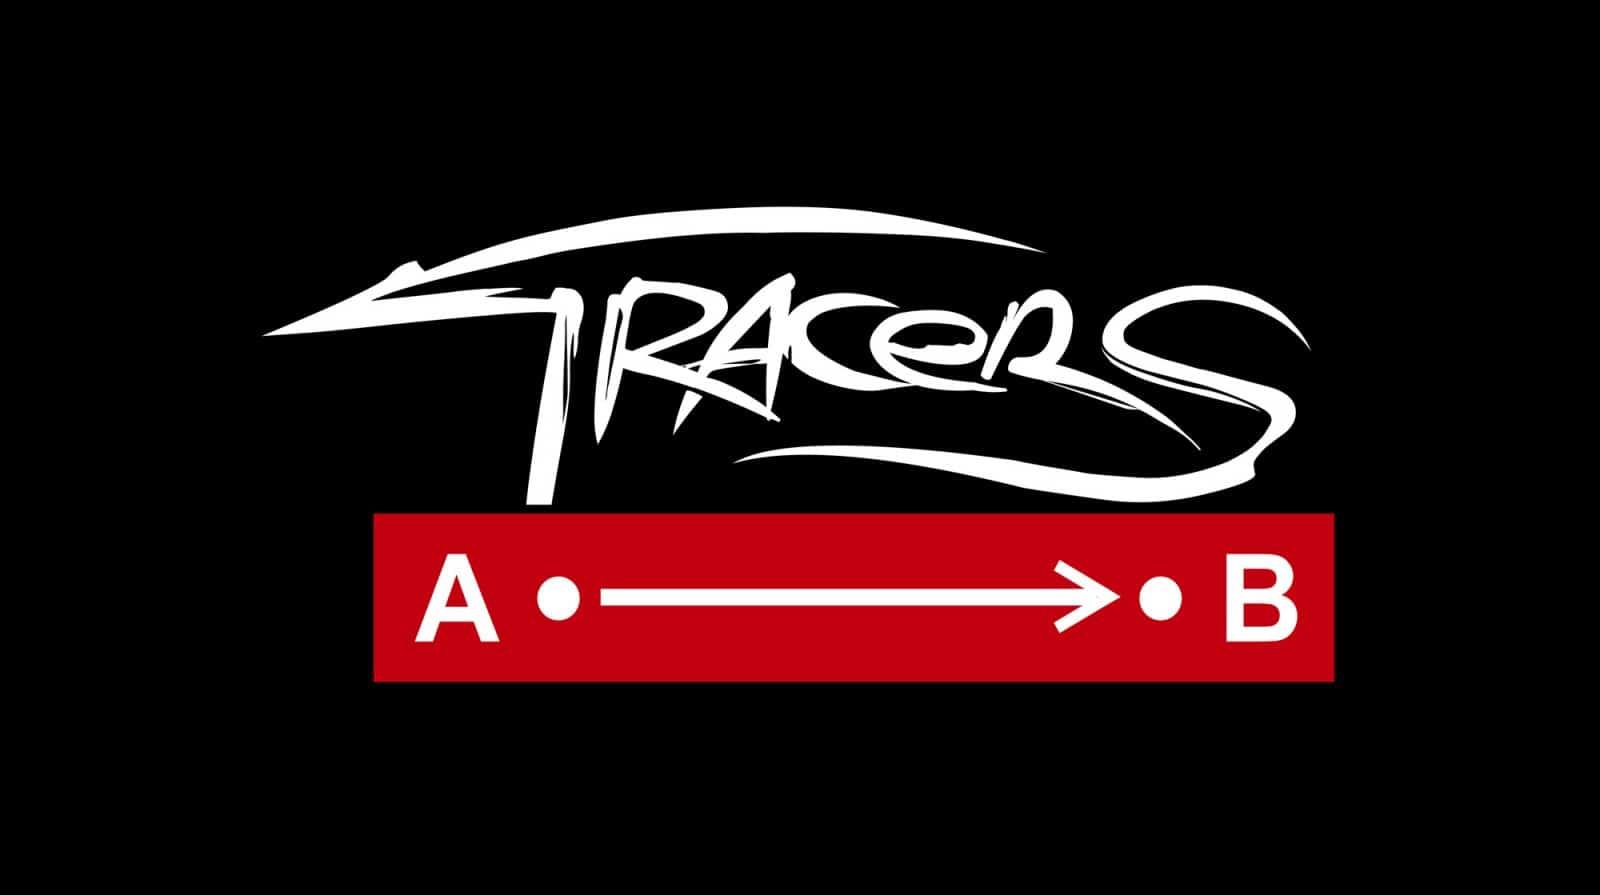 TracersAB_black